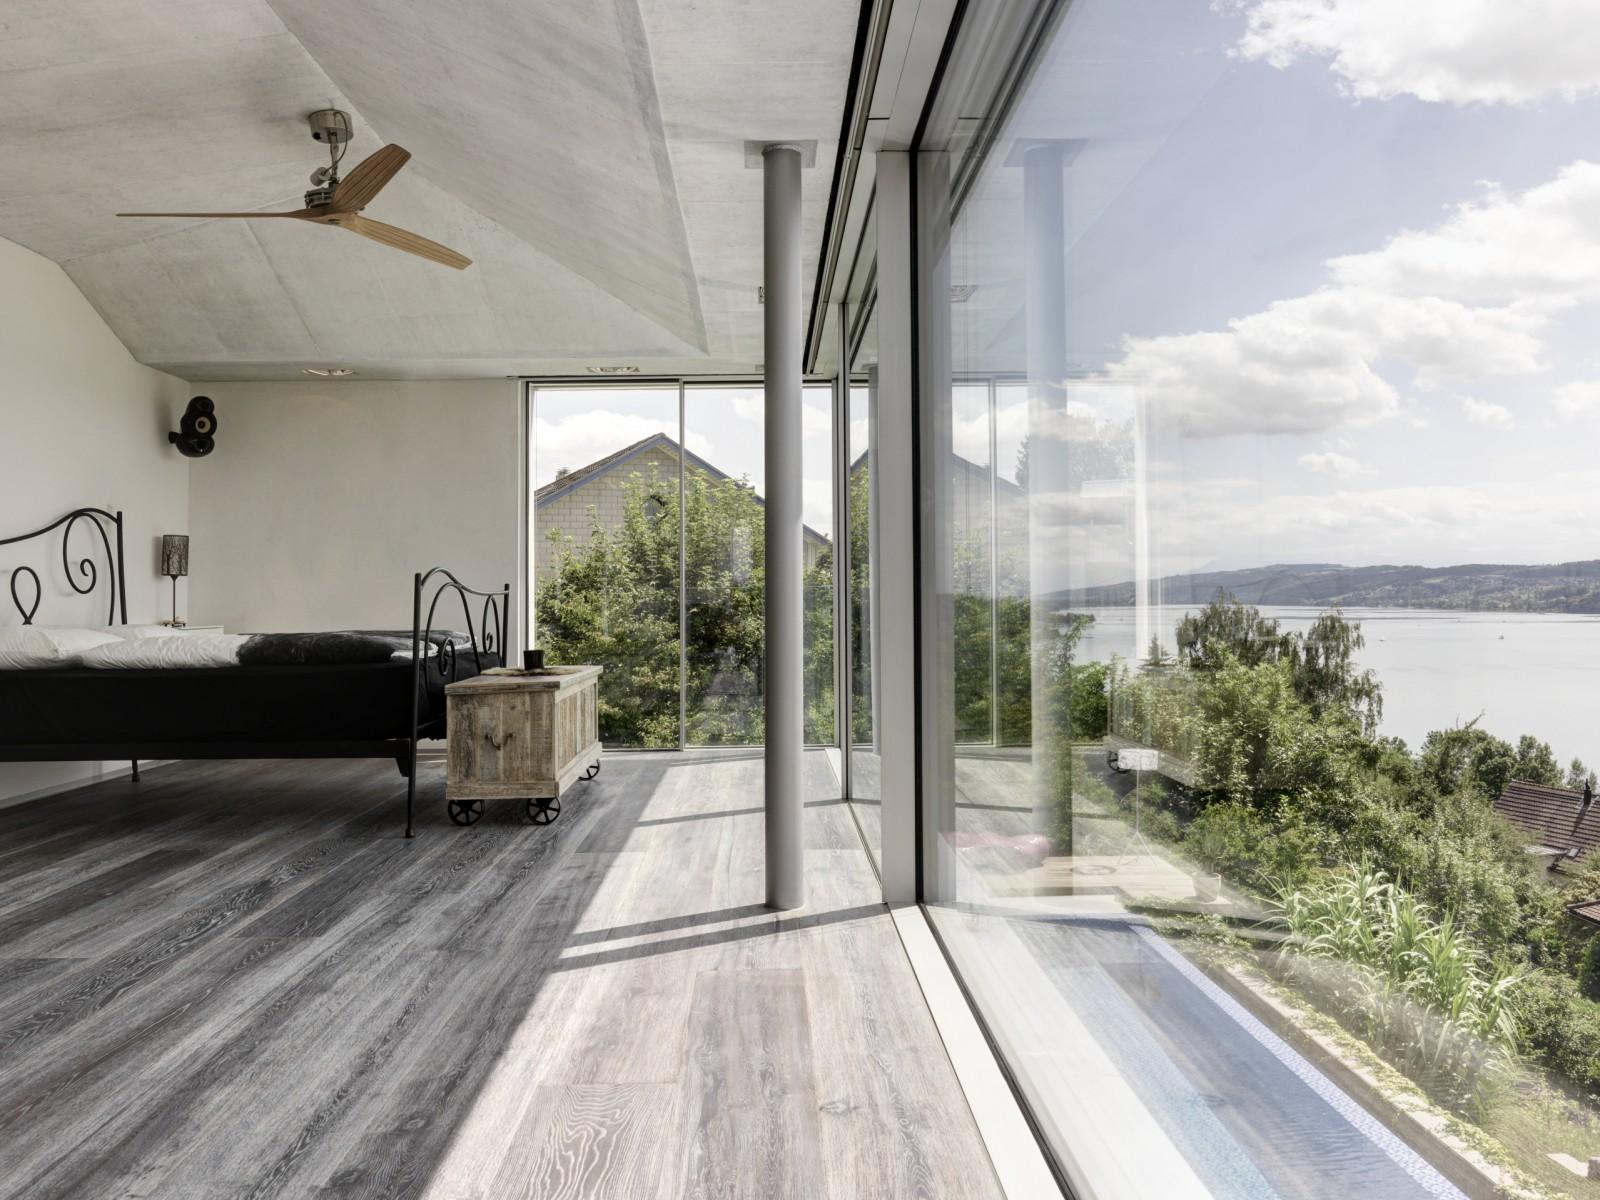 Skyframe-Glas-Seengen